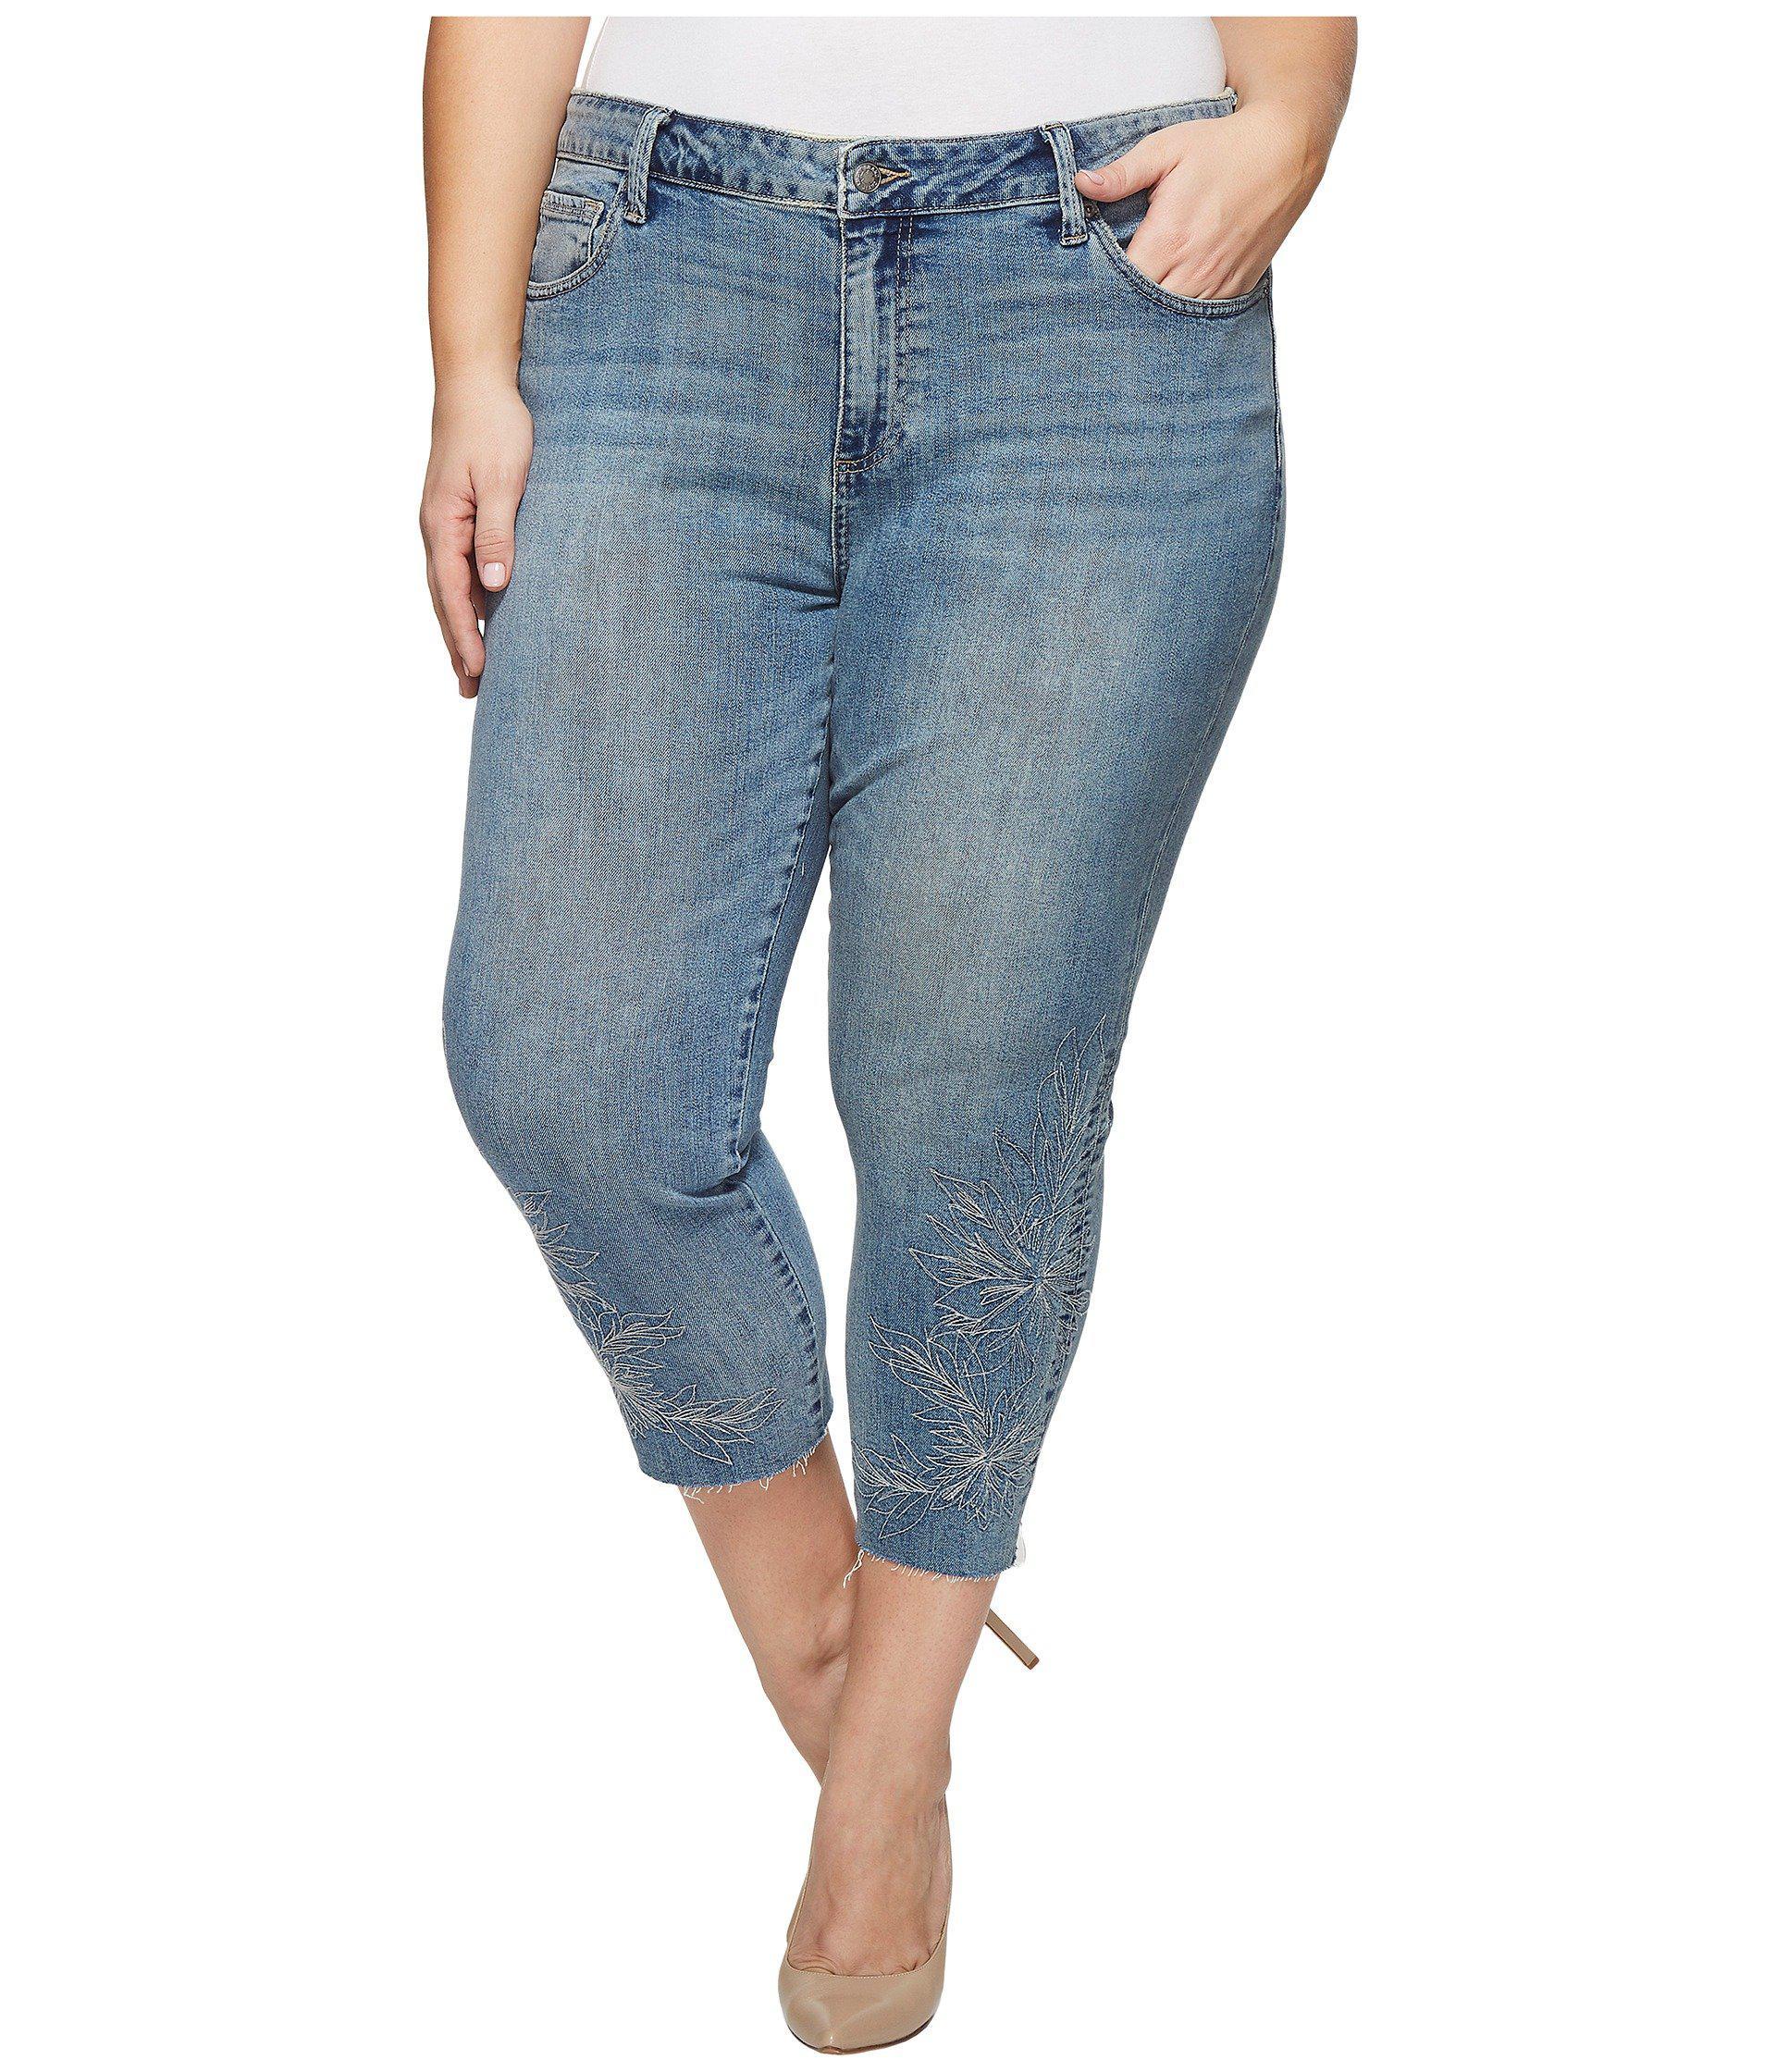 98d5cdc3f42 Lyst - Lucky Brand Plus Size Reese Boyfriend Jeans In La Reina in ...